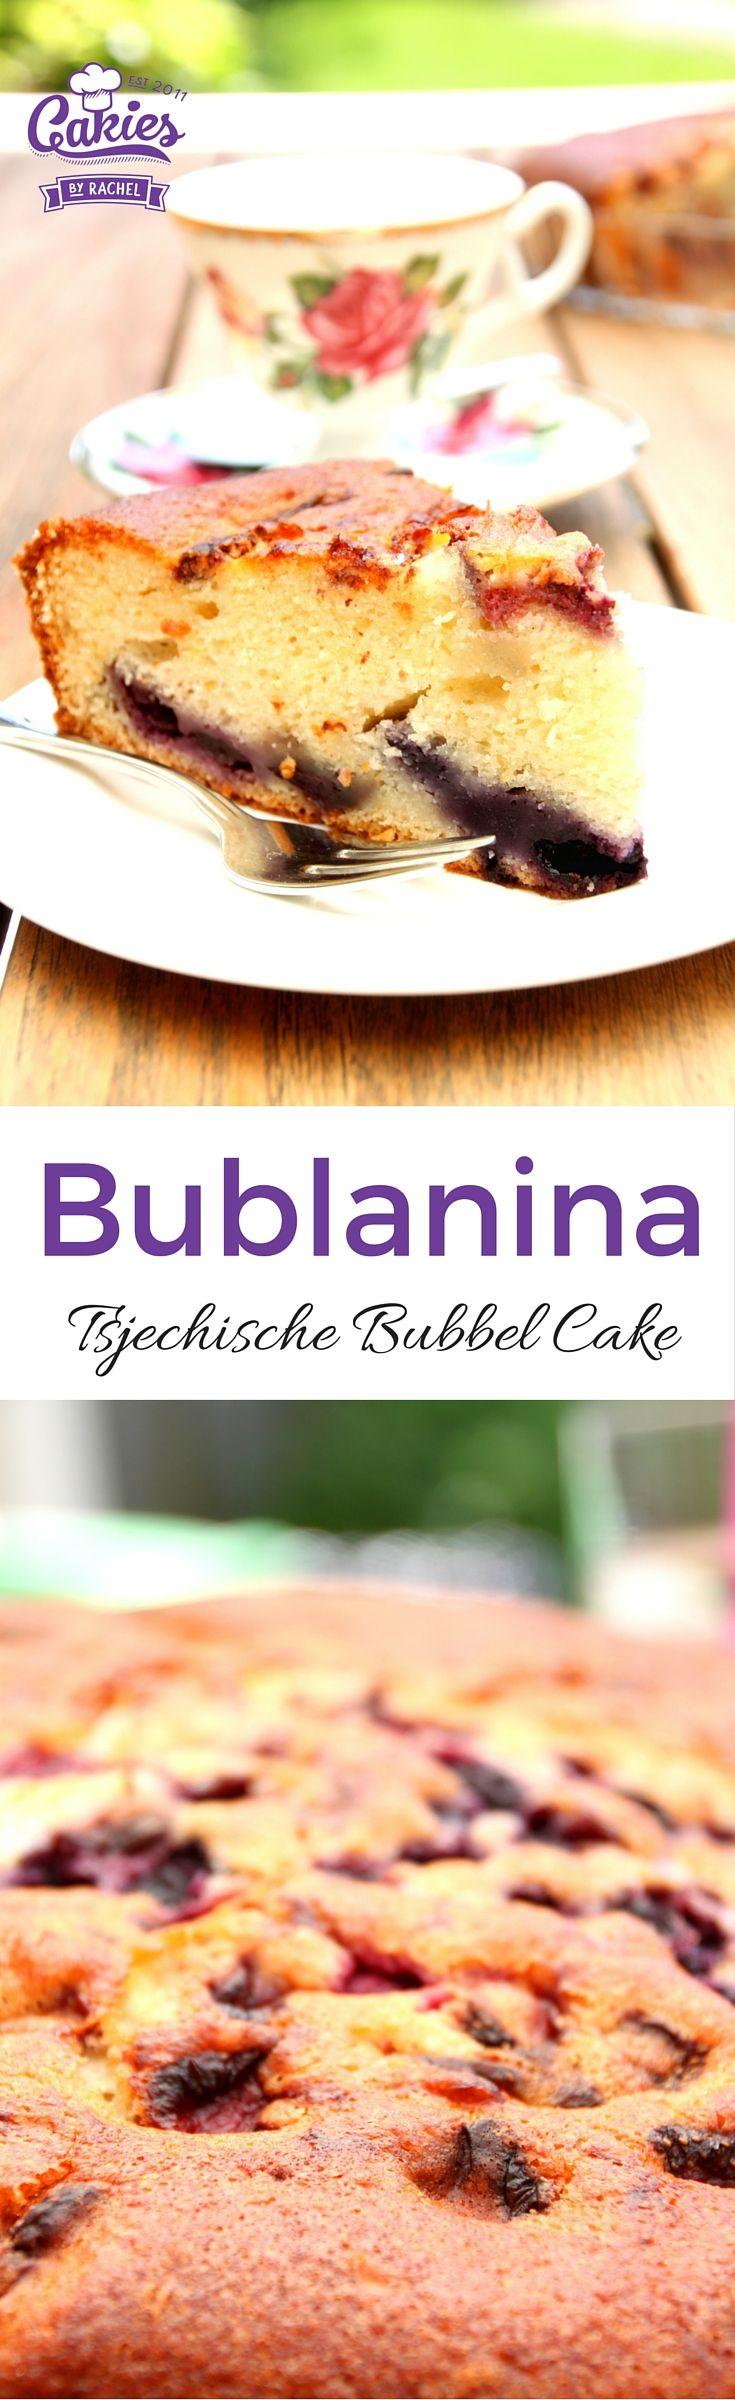 Een makkelijk, één kom recept voor Bublanina, een Tsjechische Bubbel Cake. Deze cake is luchtig en heel makkelijk om te maken.